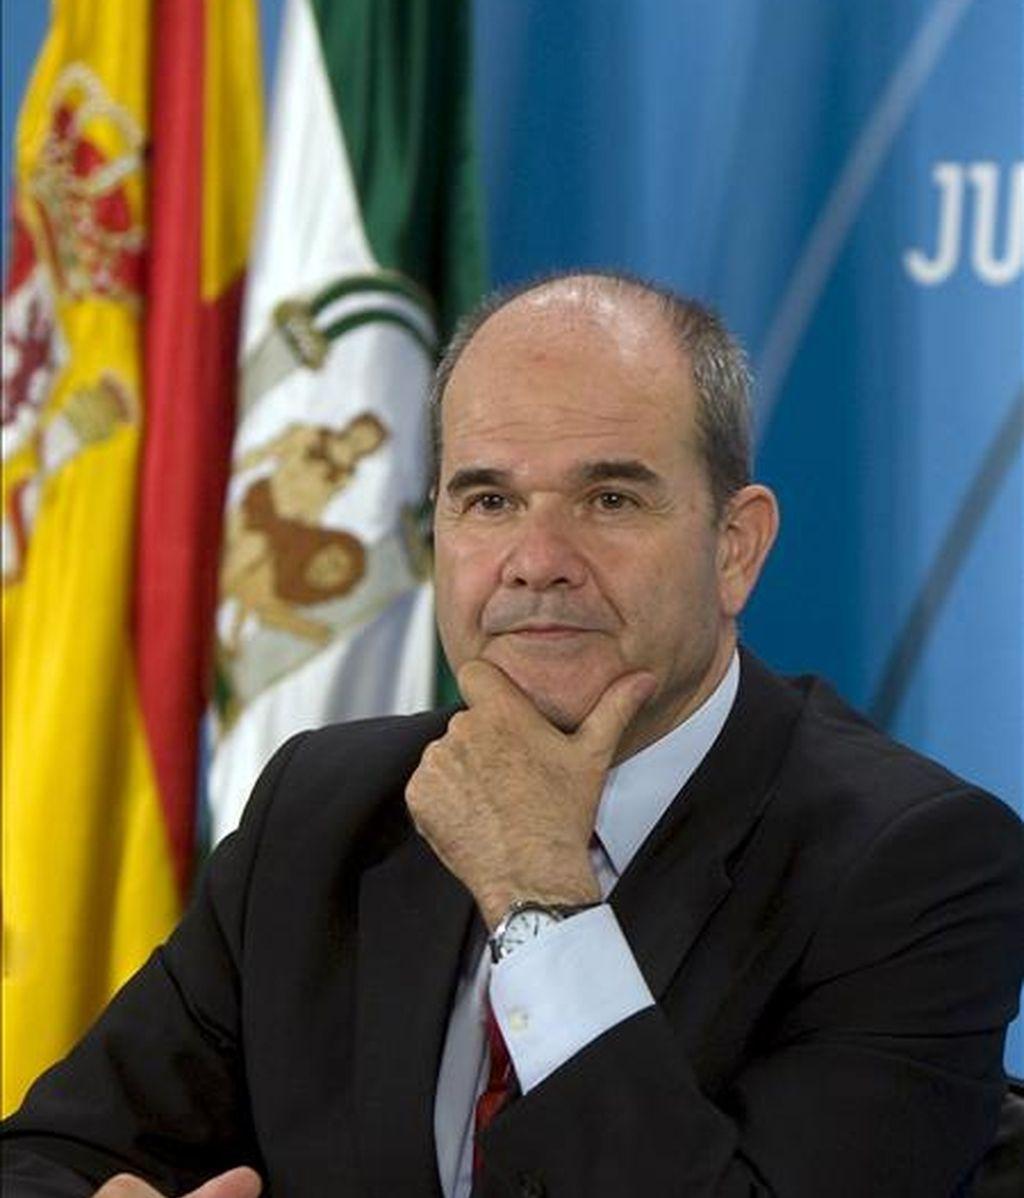 El vicepresidente tercero y ministro de Política Territorial, Manuel Chaves, inicia hoy en Galicia una gira decisiva por las comunidades autónomas. En la imagen, Chaves durante una intervención. EFE/Archivo